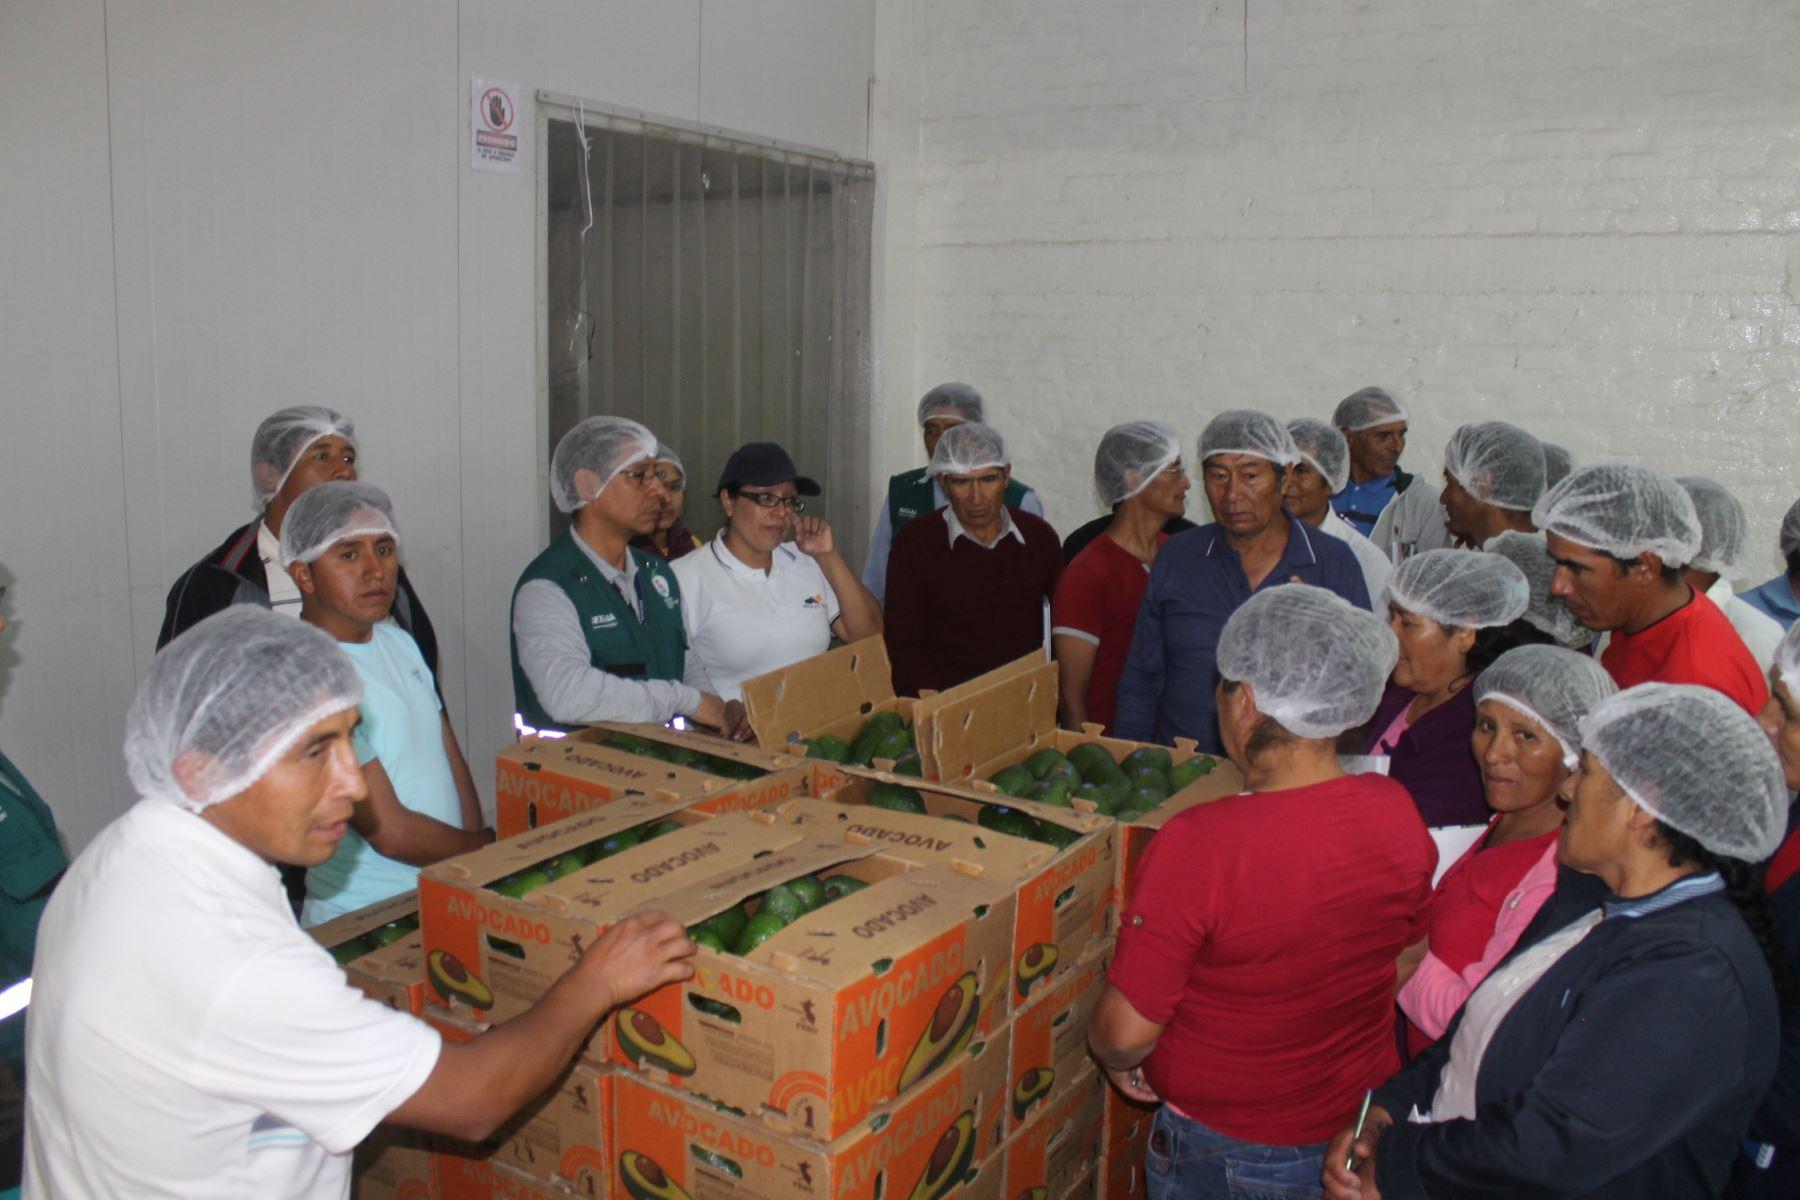 La palta es uno de los productos con mayor potencial exportador de Huancavelica. ANDINA